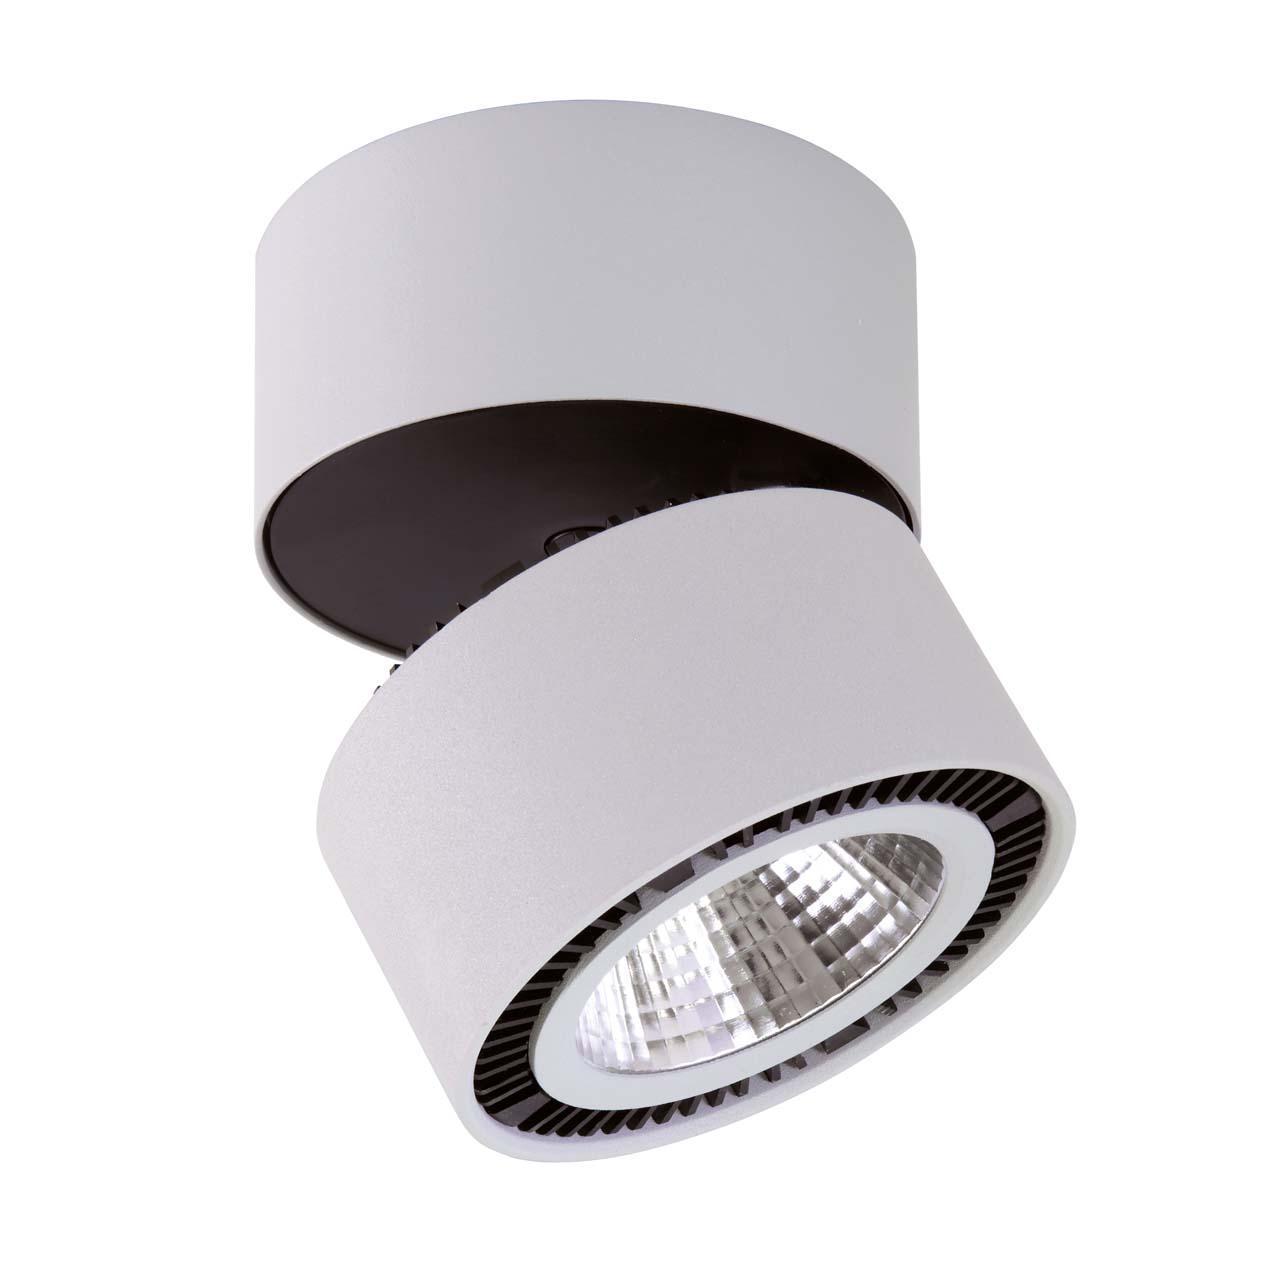 Потолочный светодиодный светильник Lightstar Forte Muro 214839 потолочный светодиодный светильник lightstar forte muro 214839